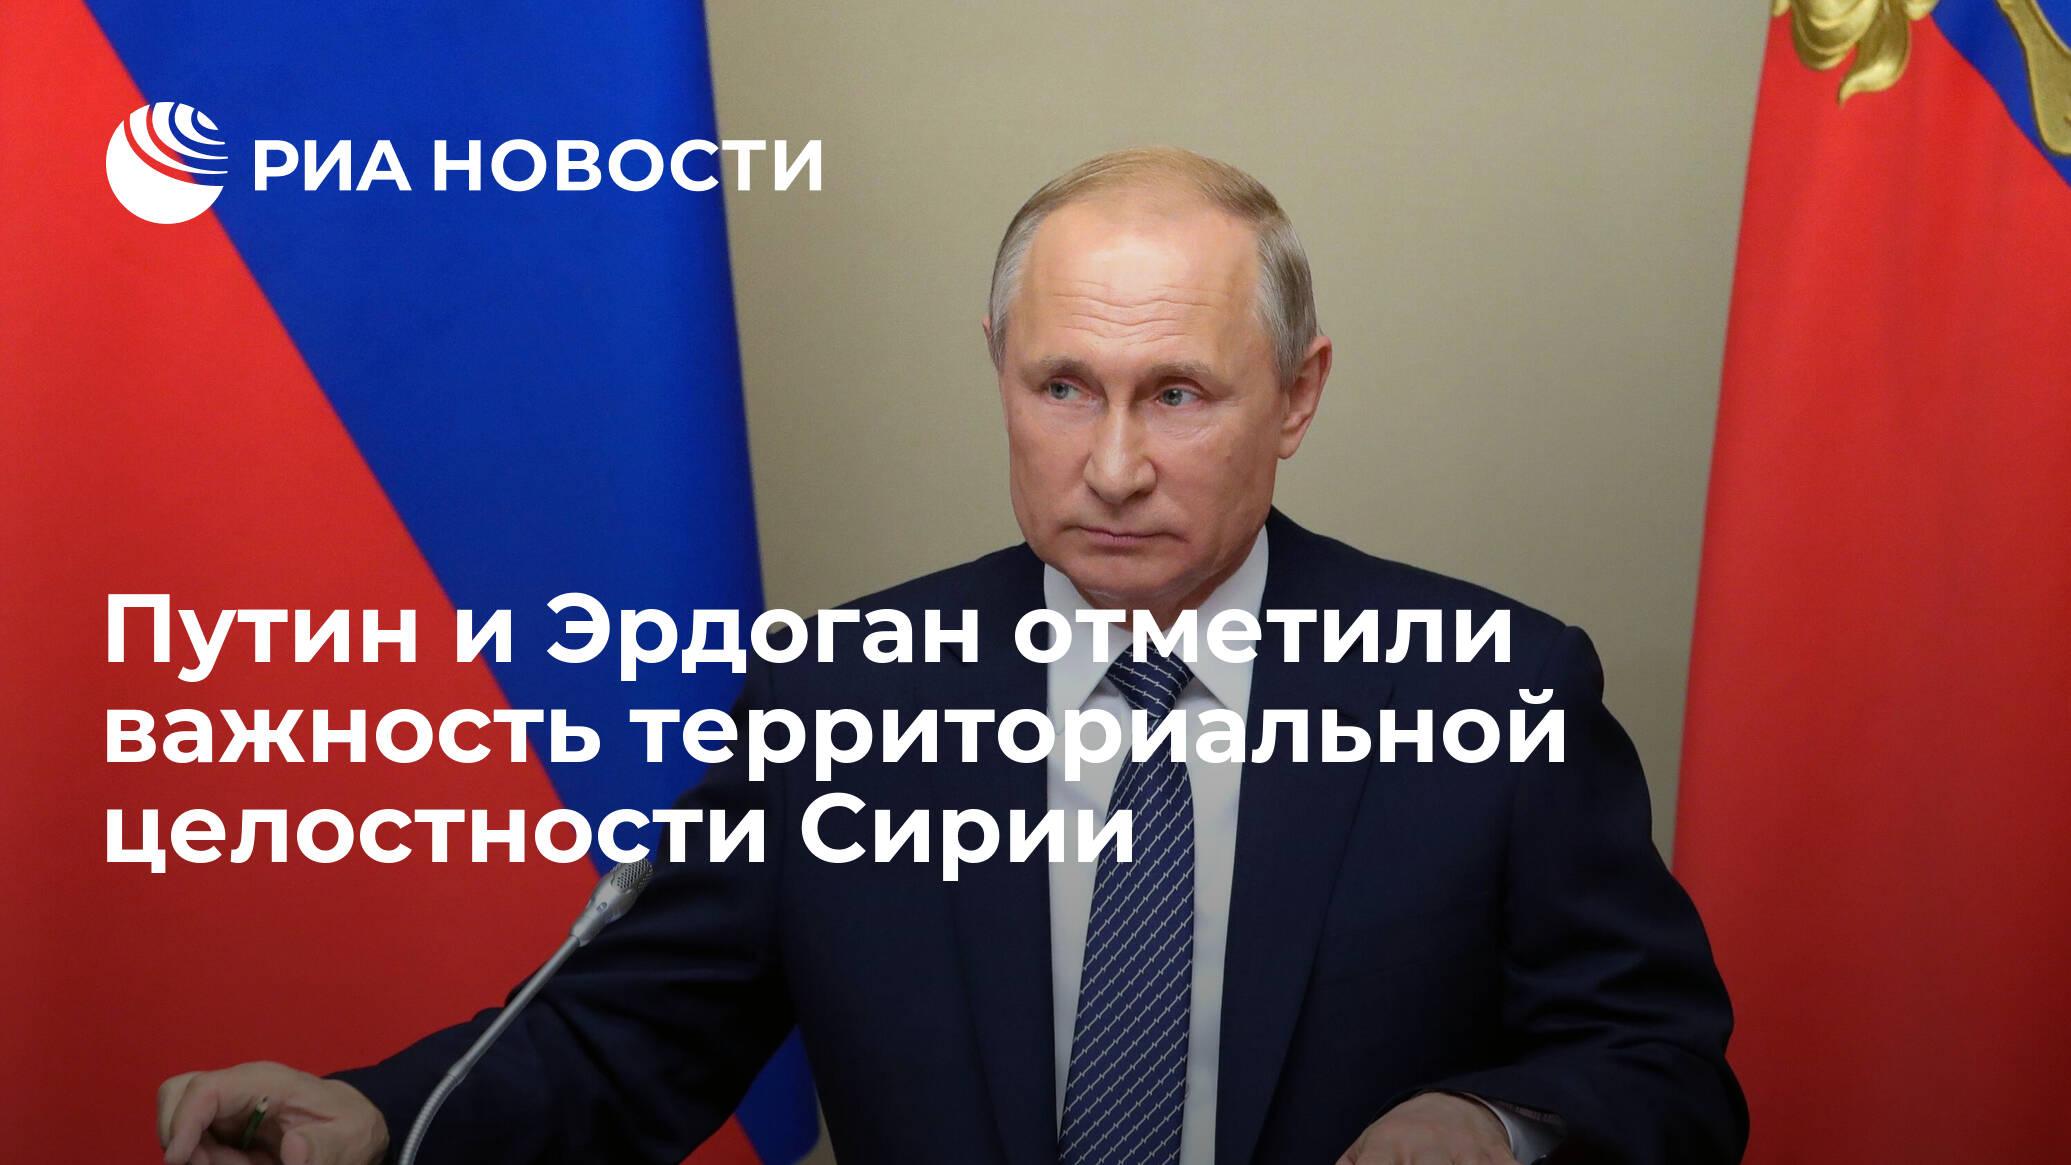 Путин и Эрдоган отметили важность территориальной целостности Сирии